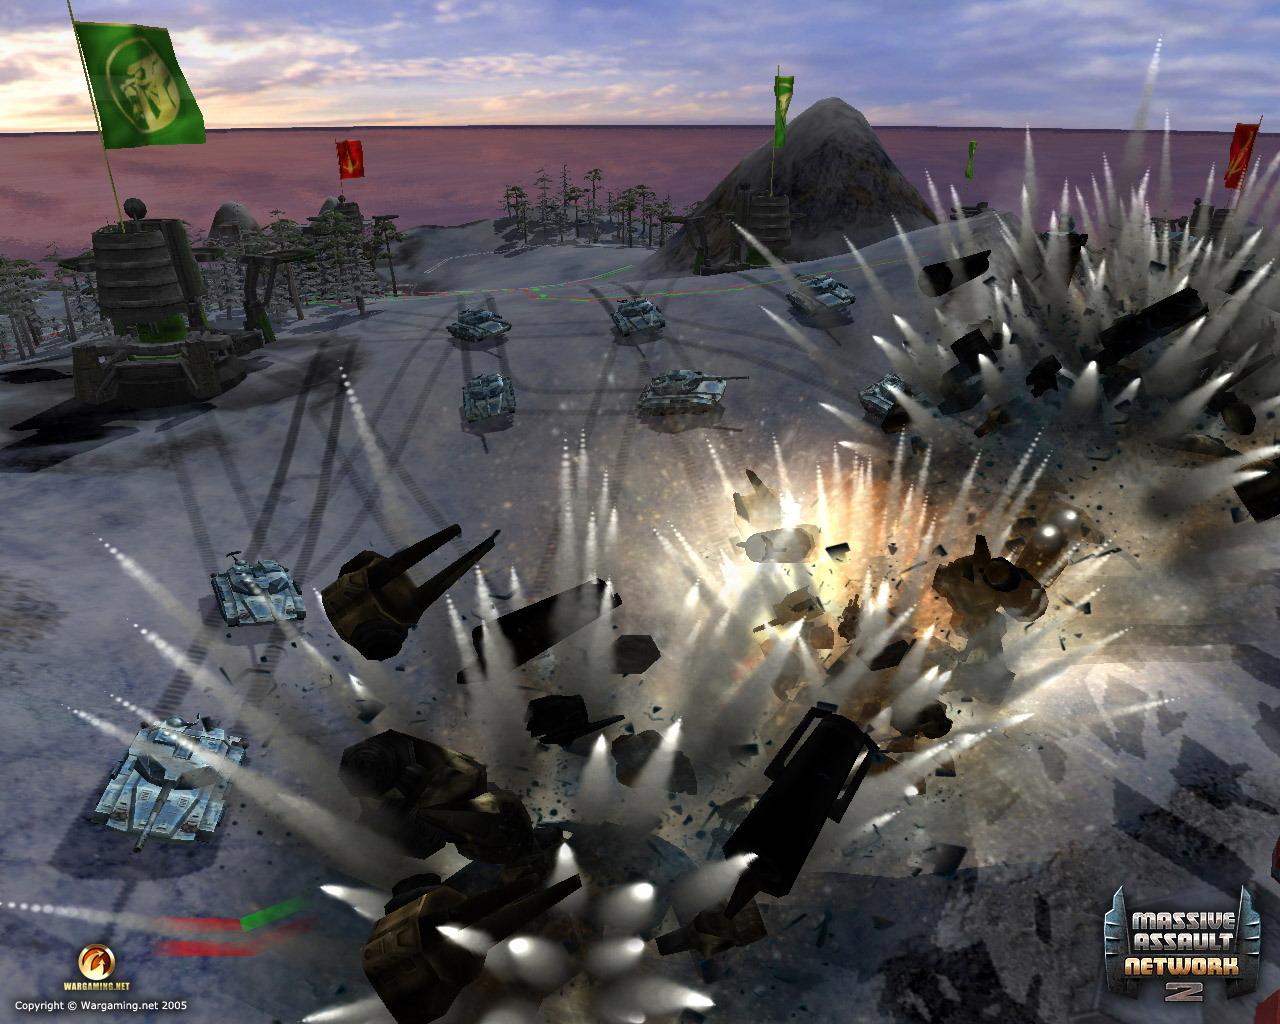 Massive Assault Network 2 Взрыв